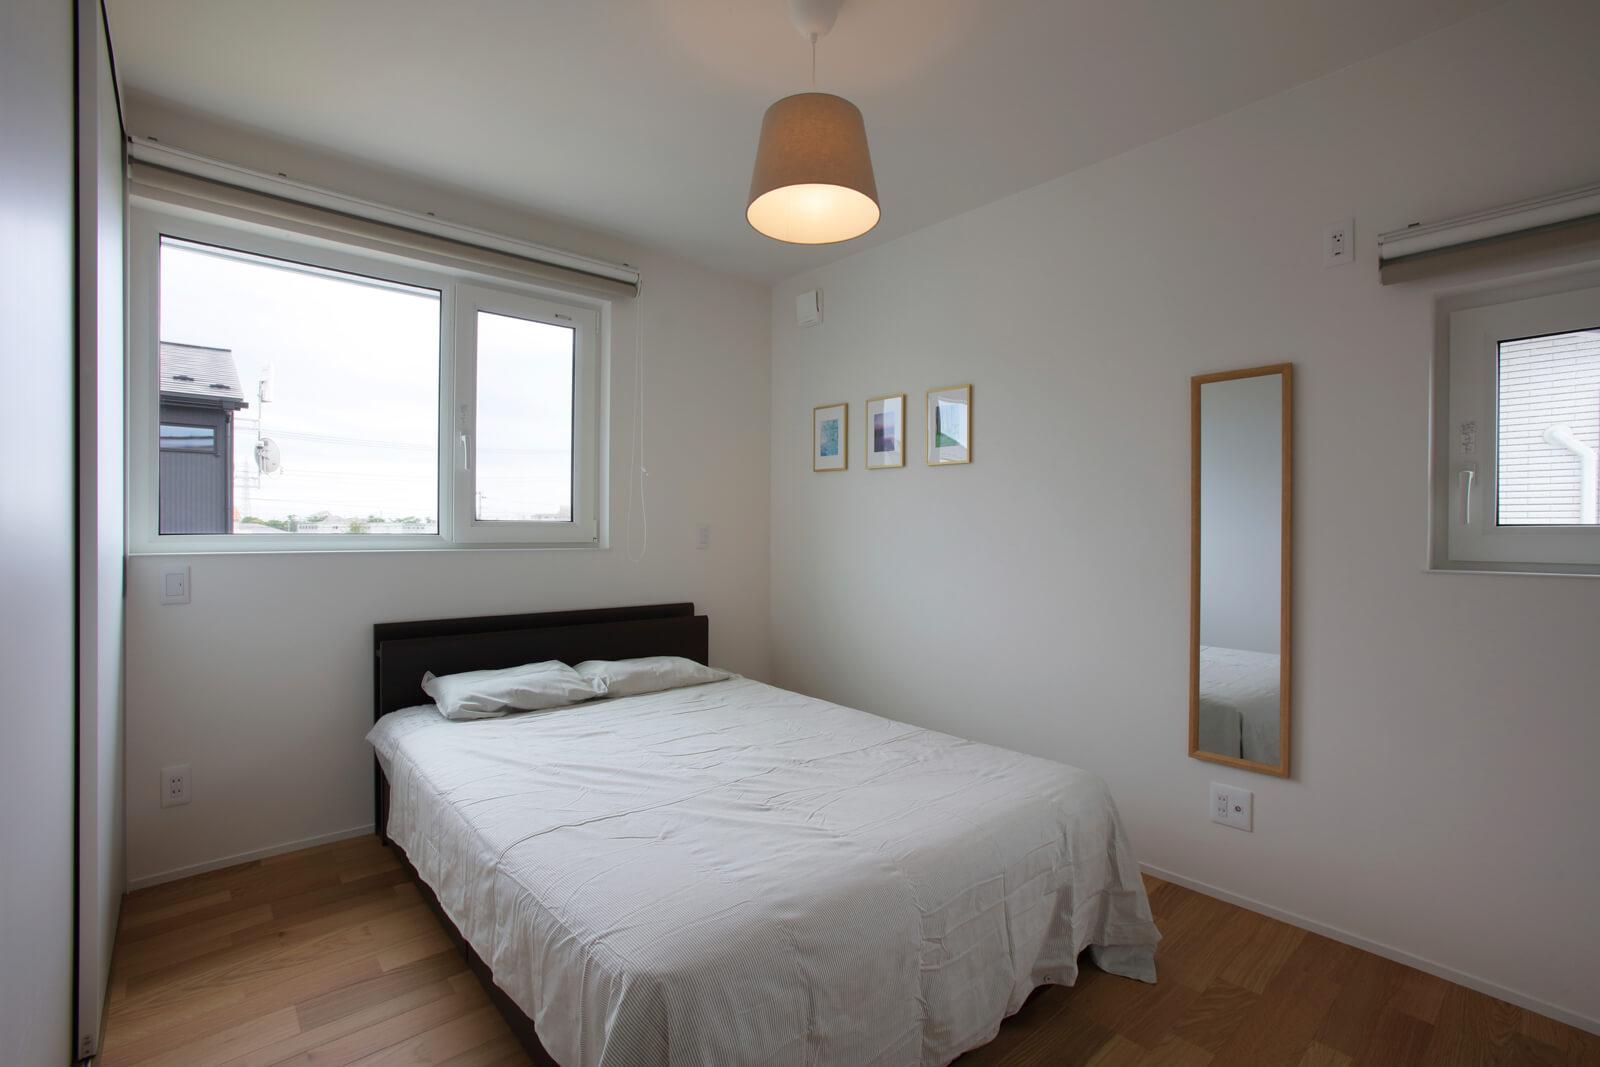 装飾は控えめにし、落ち着きのある空間に仕上げた主寝室は、南向きなので朝陽とともに心地よく一日を始められる